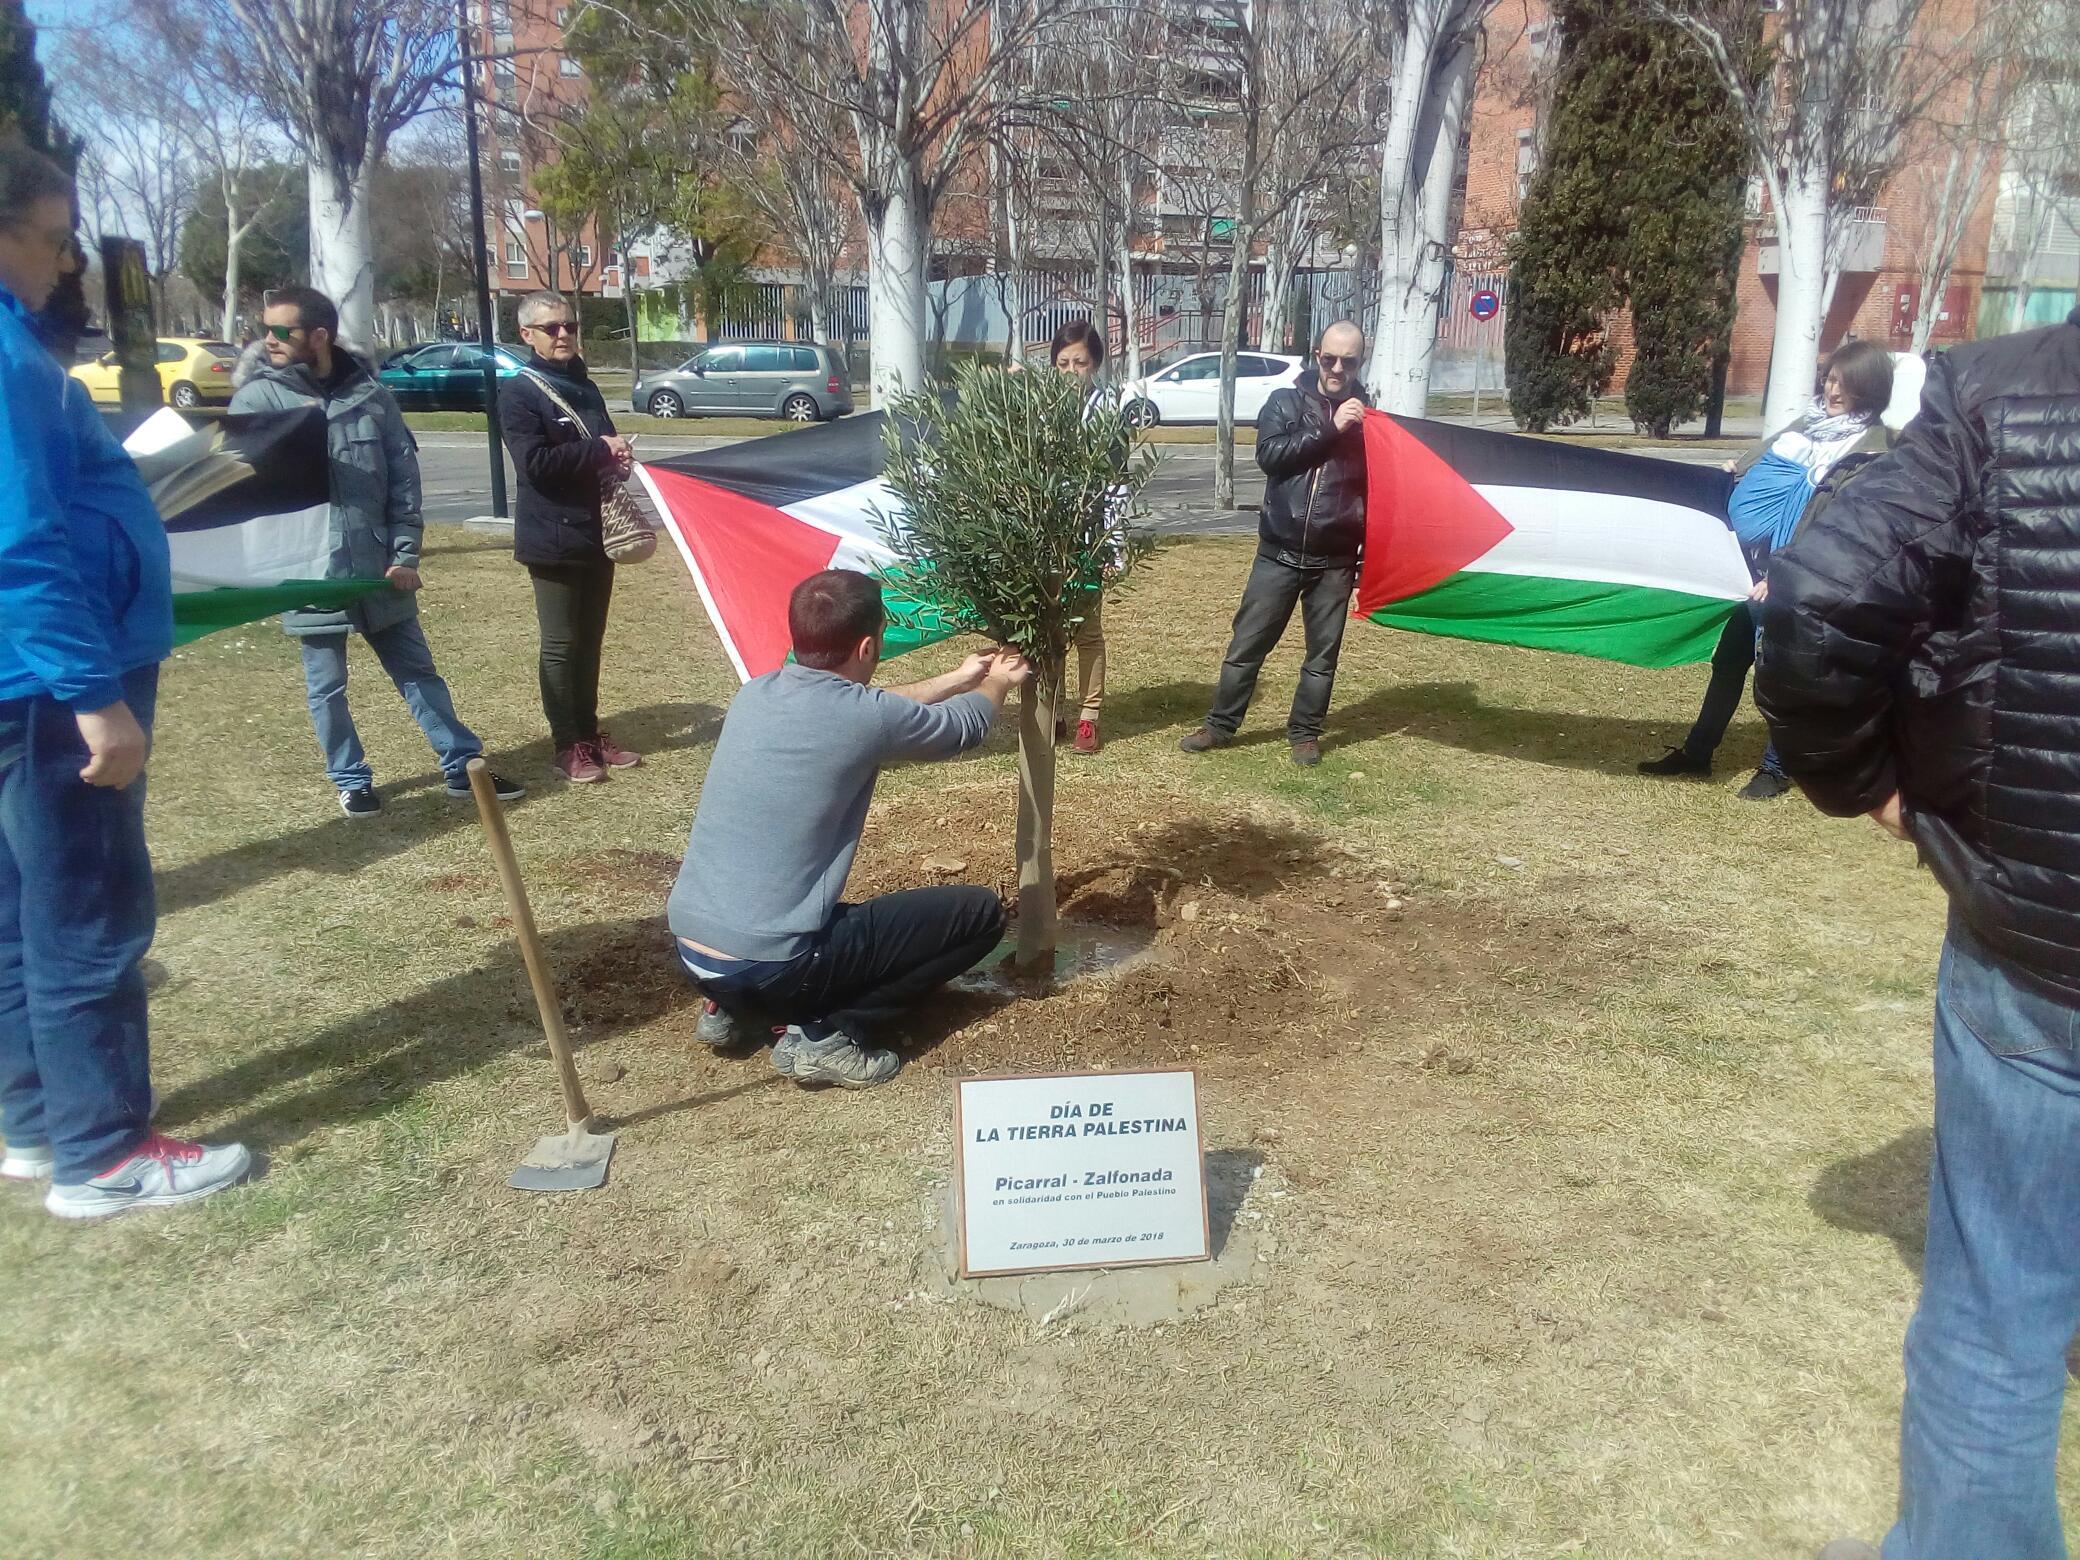 Día de la Tierra Palestina en el Barrio del Picarral (Zaragoza)